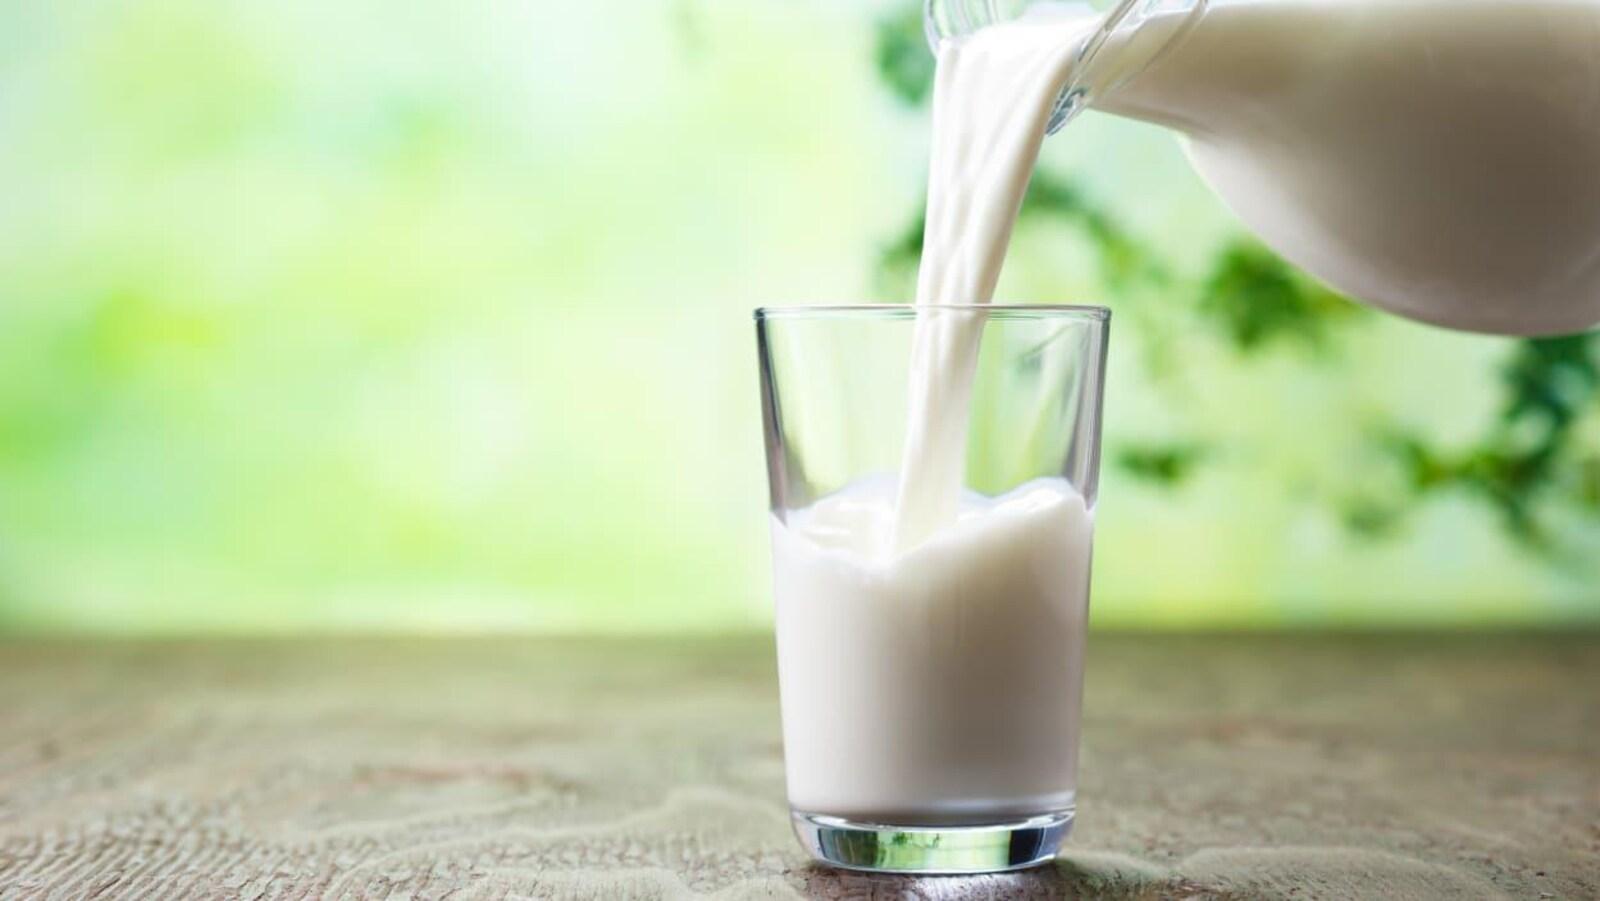 Une bouteille de lait remplit un grand verre.